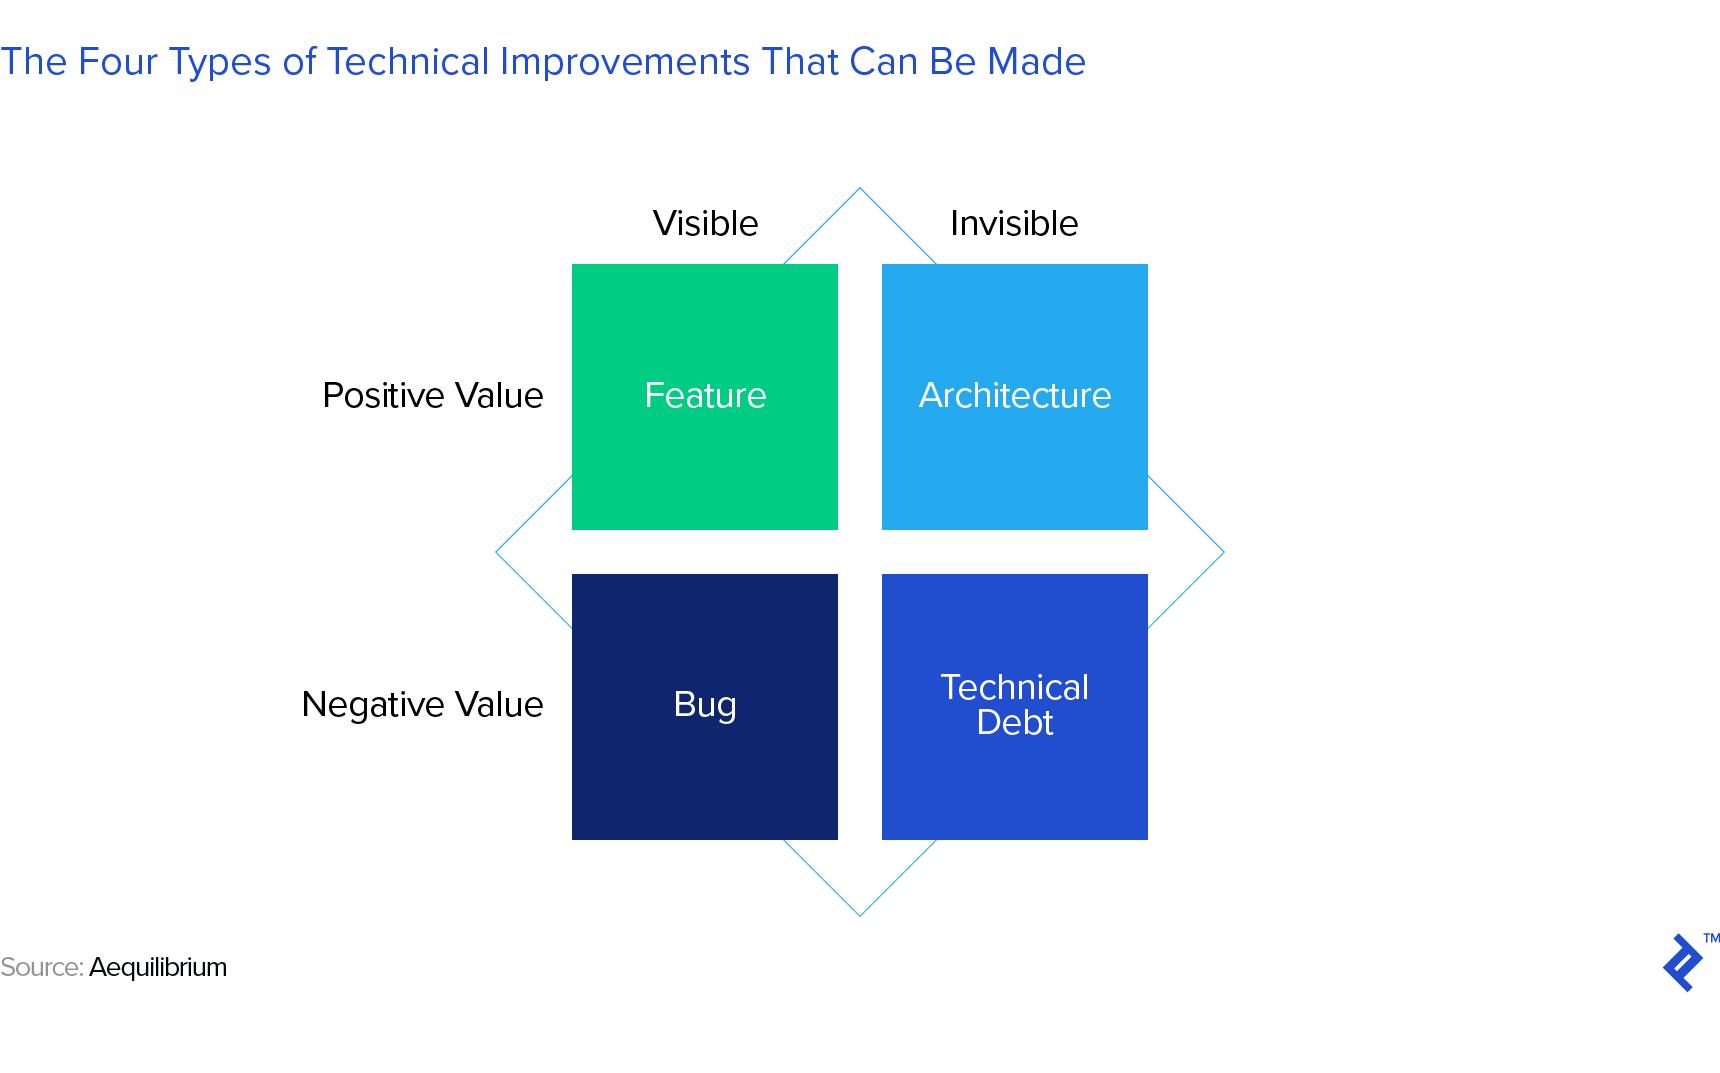 una representación visual de un cuadro de matriz que organiza los cuatro tipos de mejoras técnicas que se pueden realizar